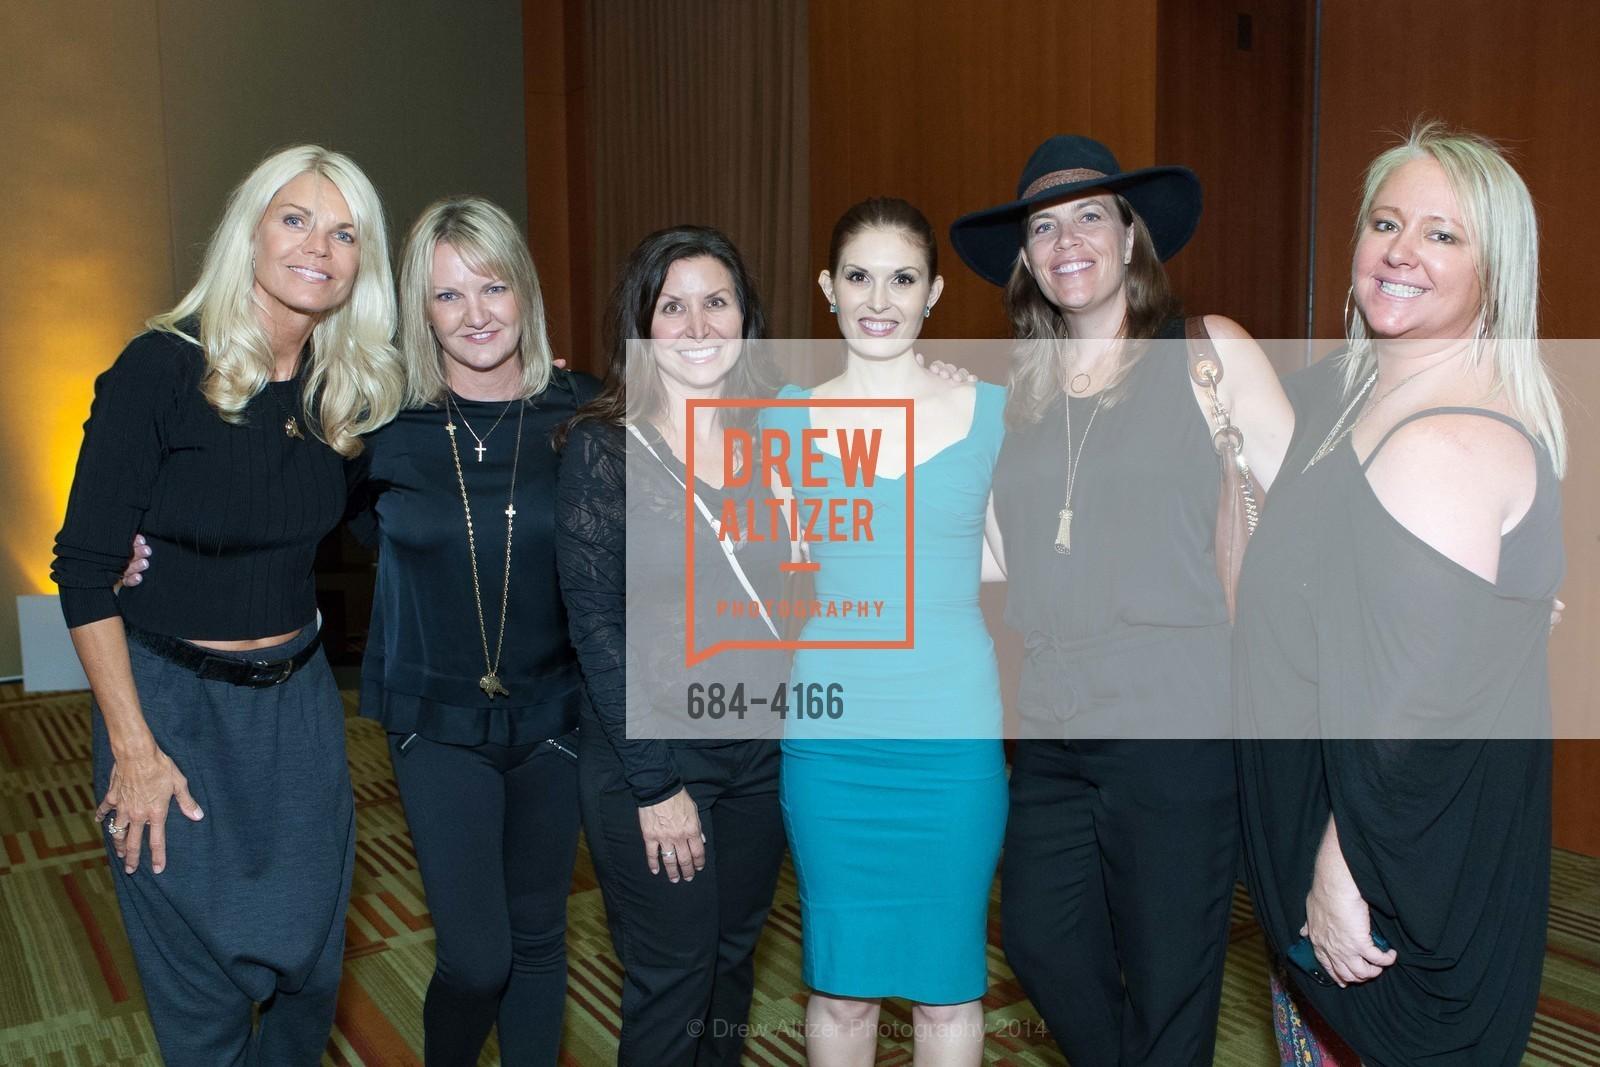 Jennifer Montana, Gayle Mariucci, Lori Puccinelli Stern, Photo #684-4166